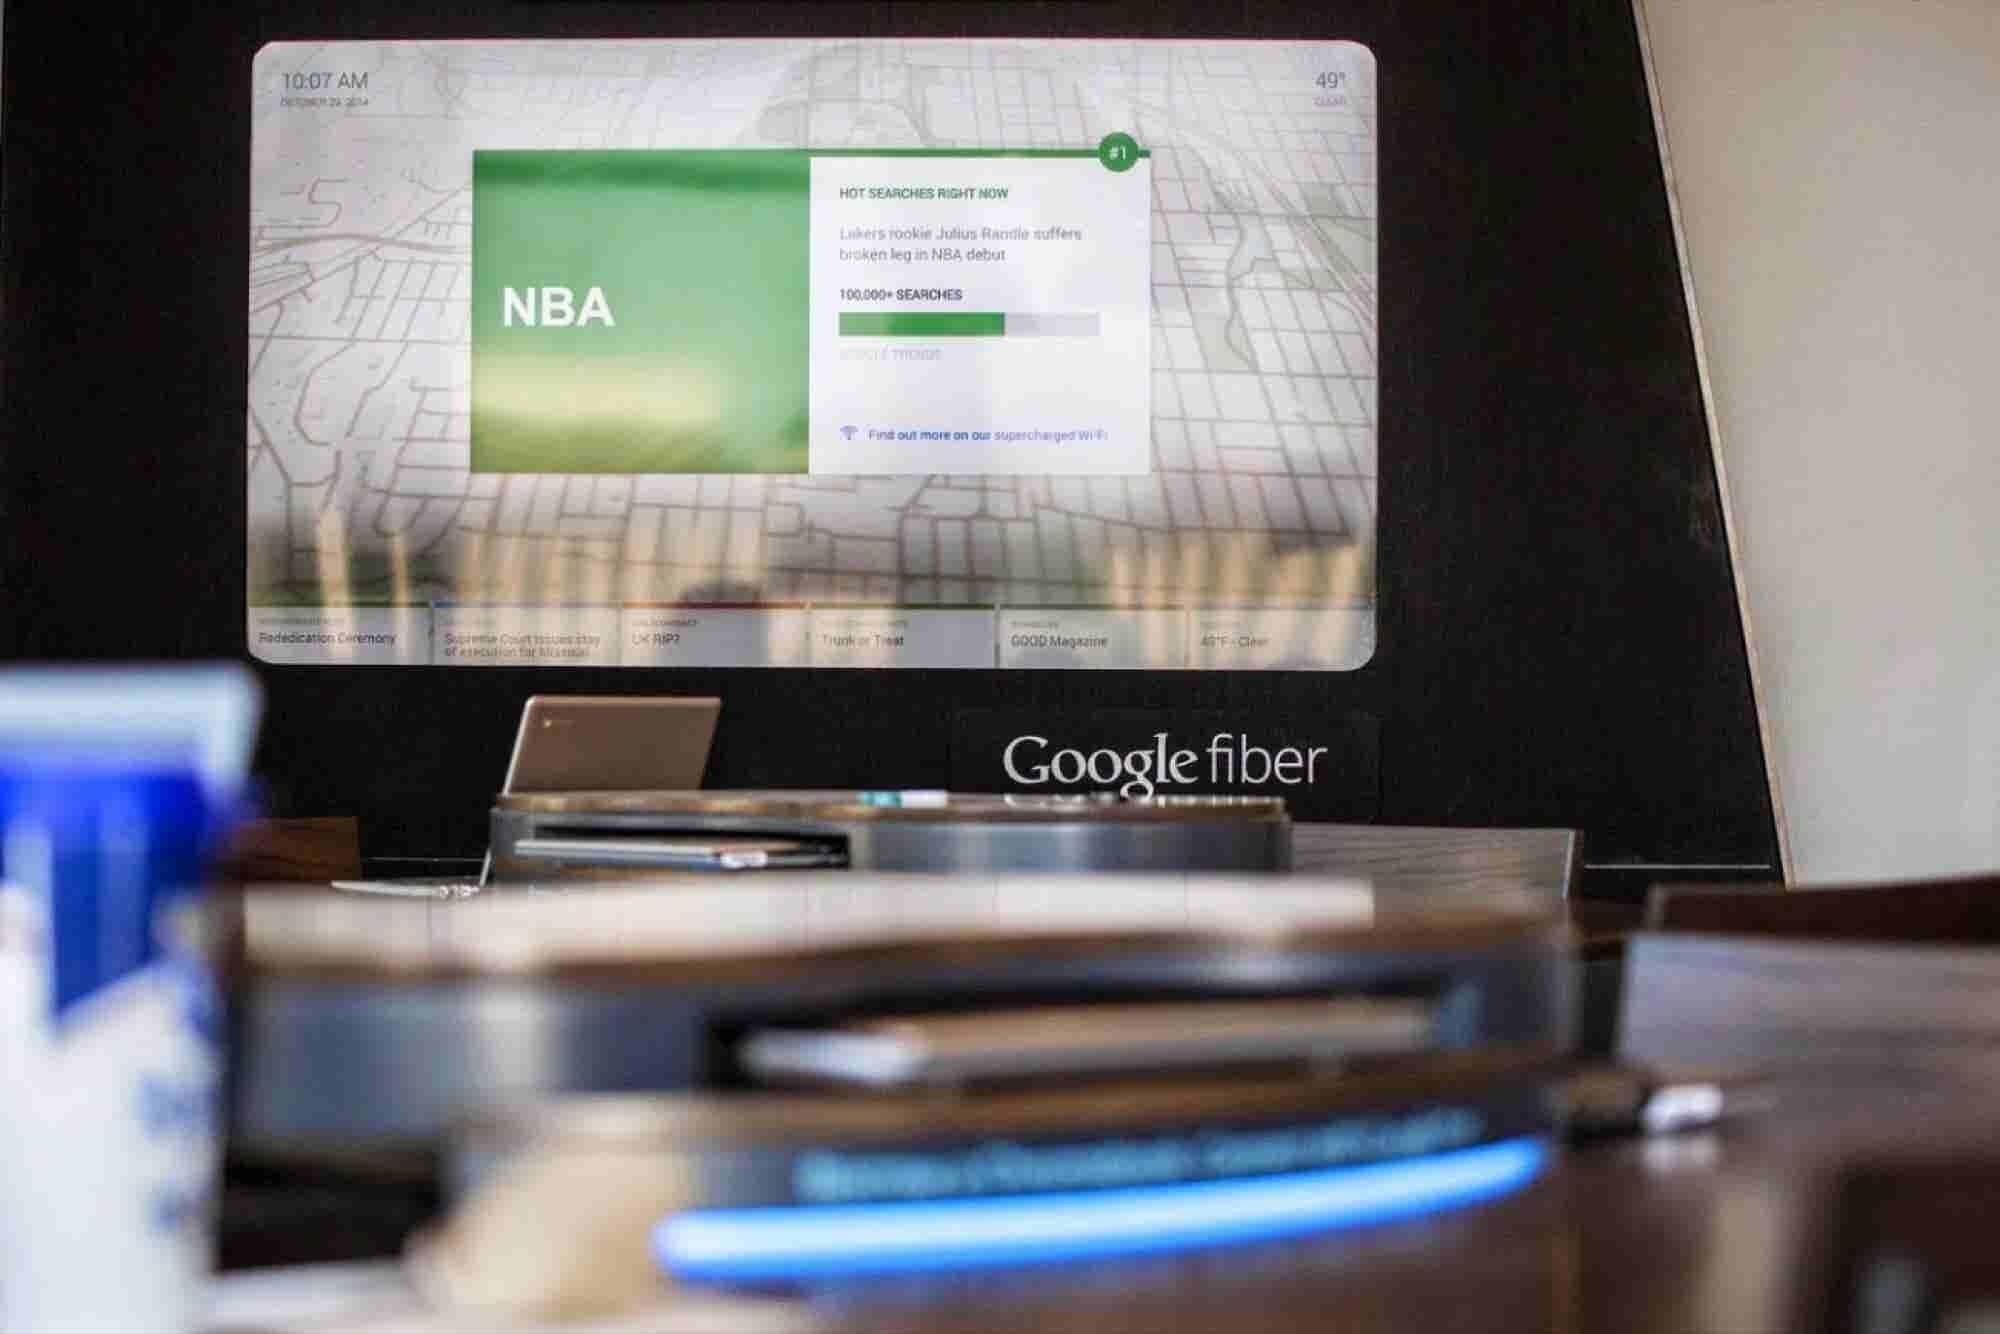 AT&T: Google Fiber Demands Government Favors